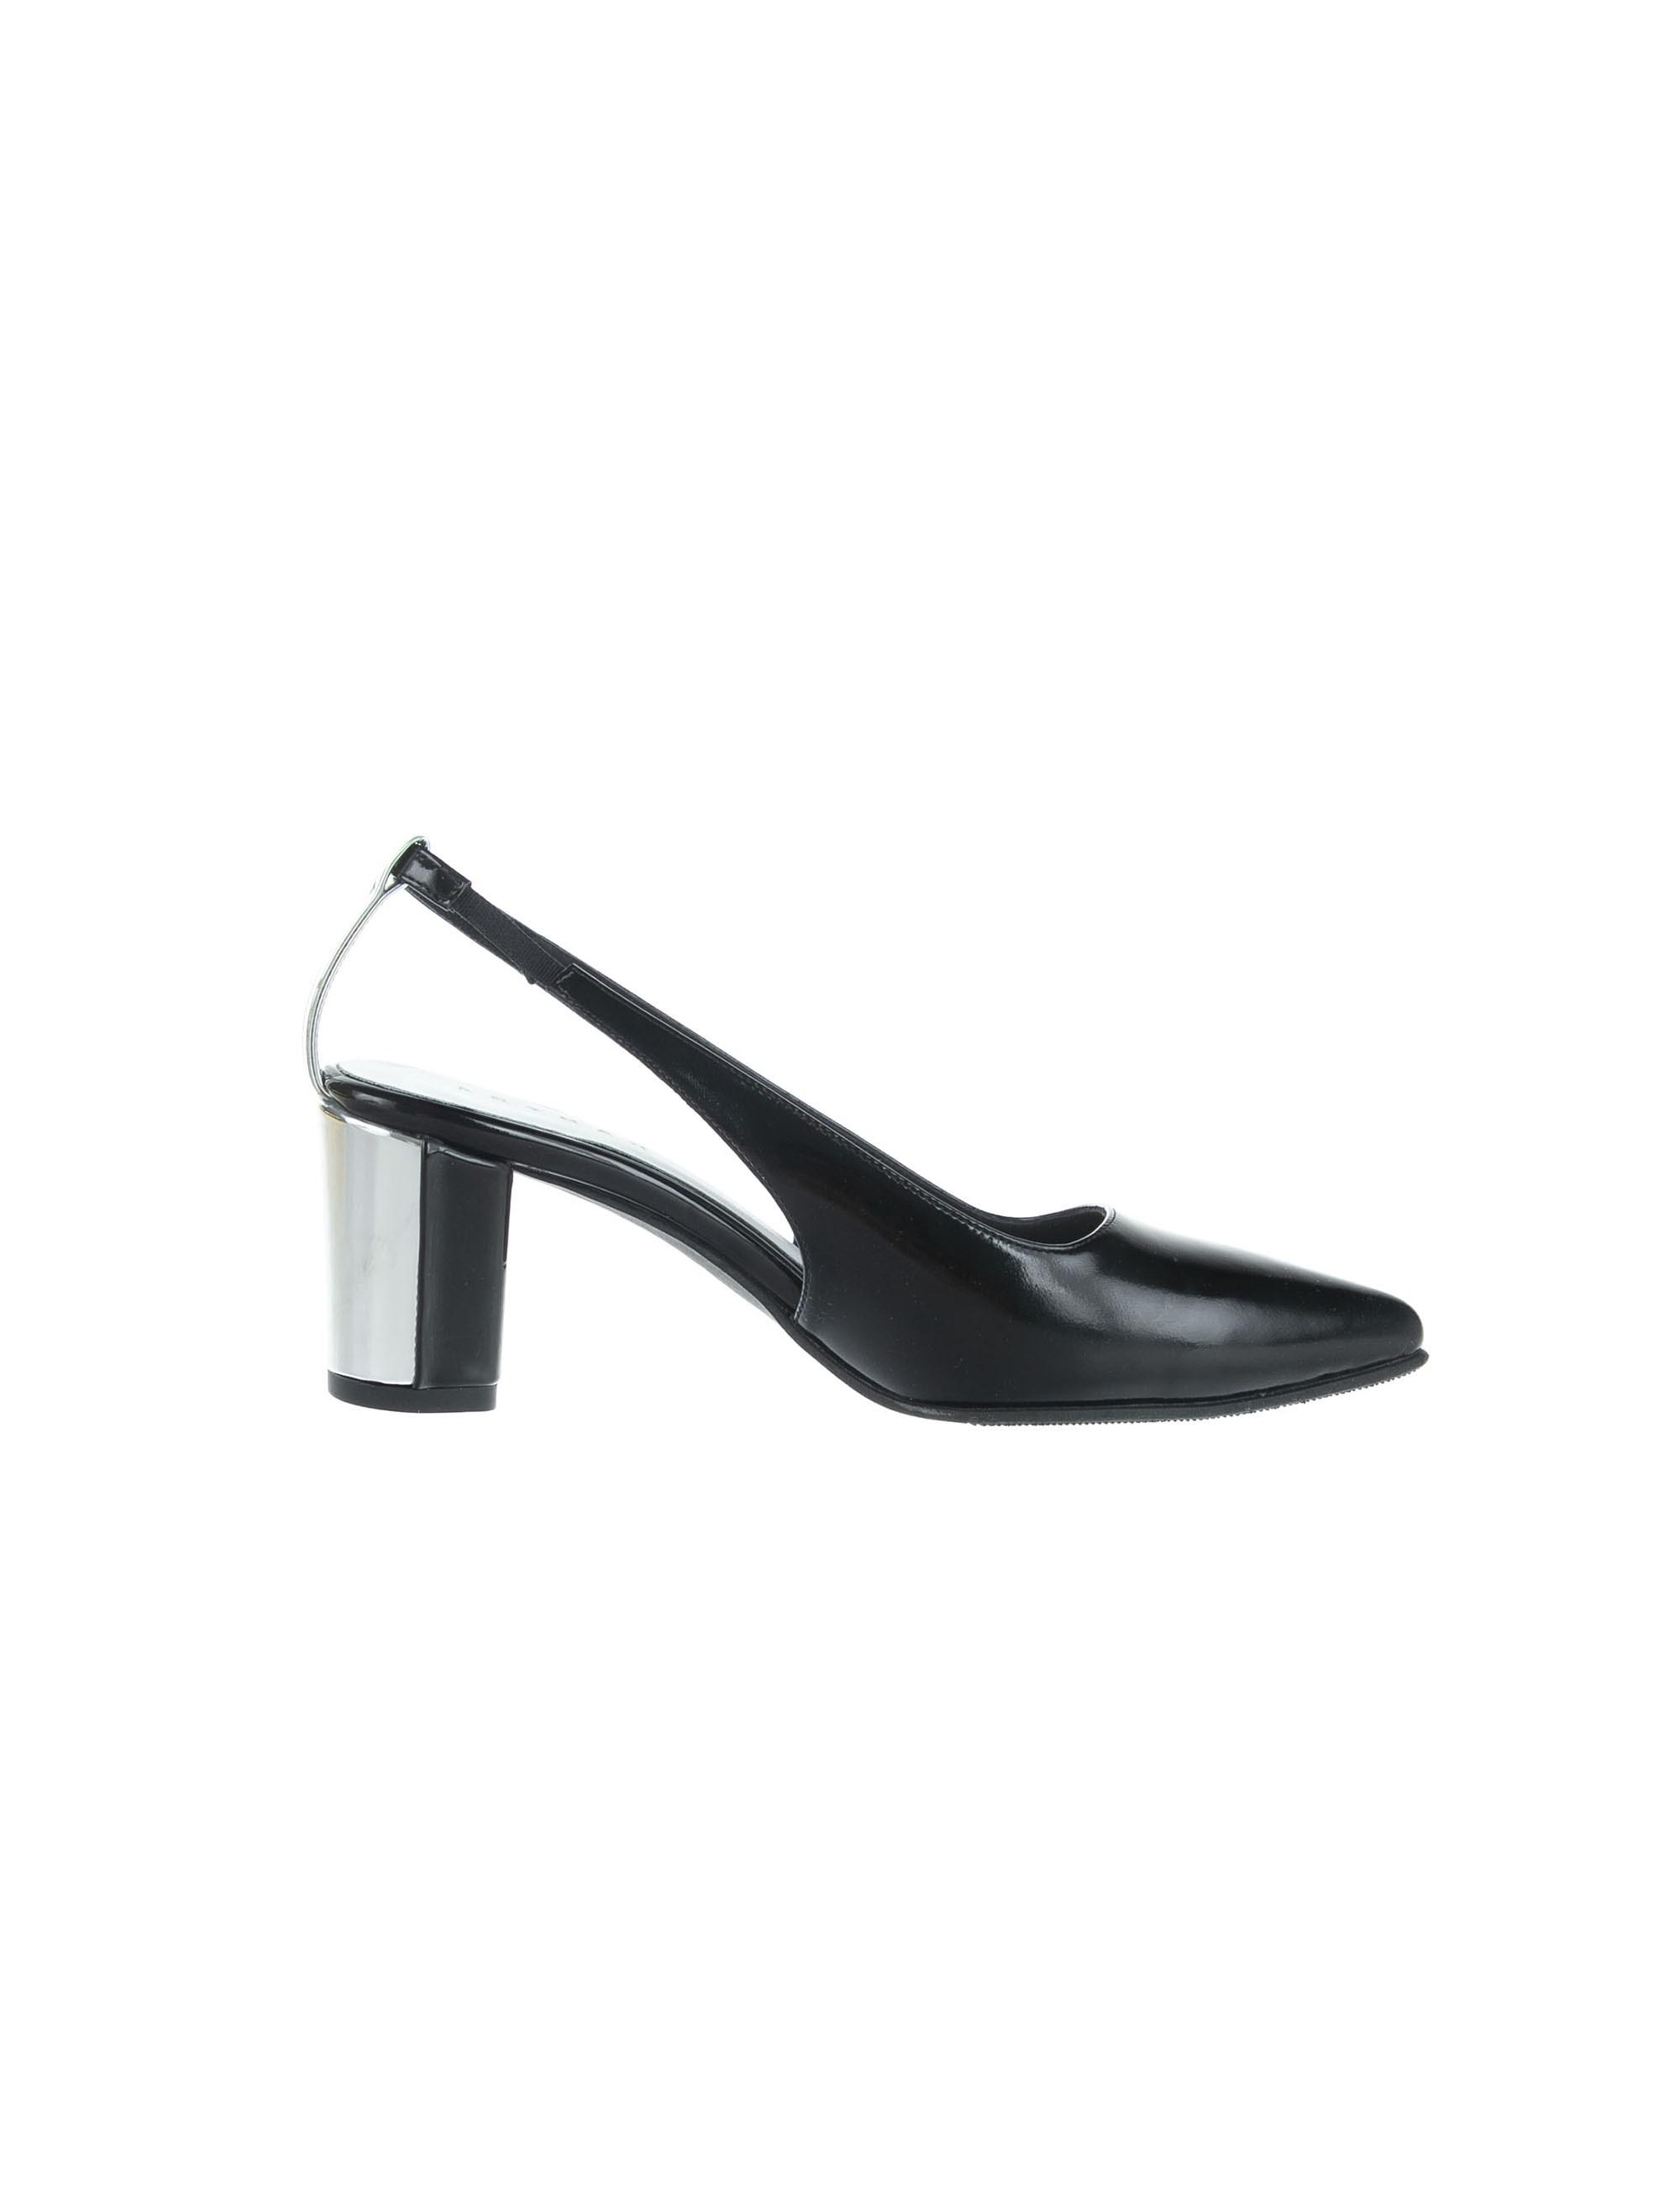 کفش پاشنه بلند چرم زنانه Lamia-2 - آرتمن